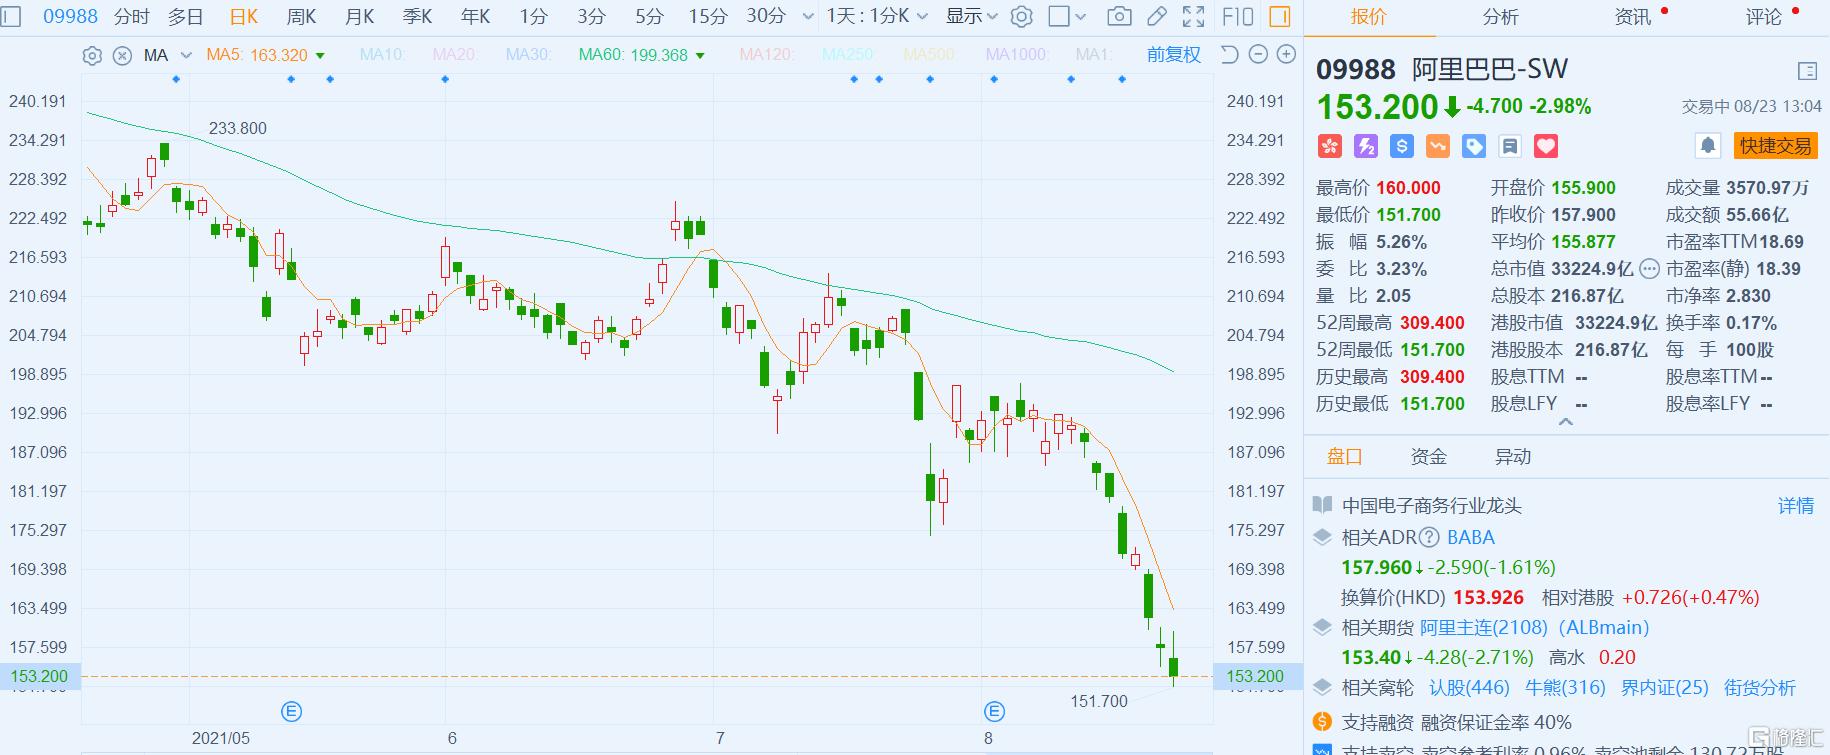 阿里巴巴(9988.HK)现跌近3%,报153.2港元